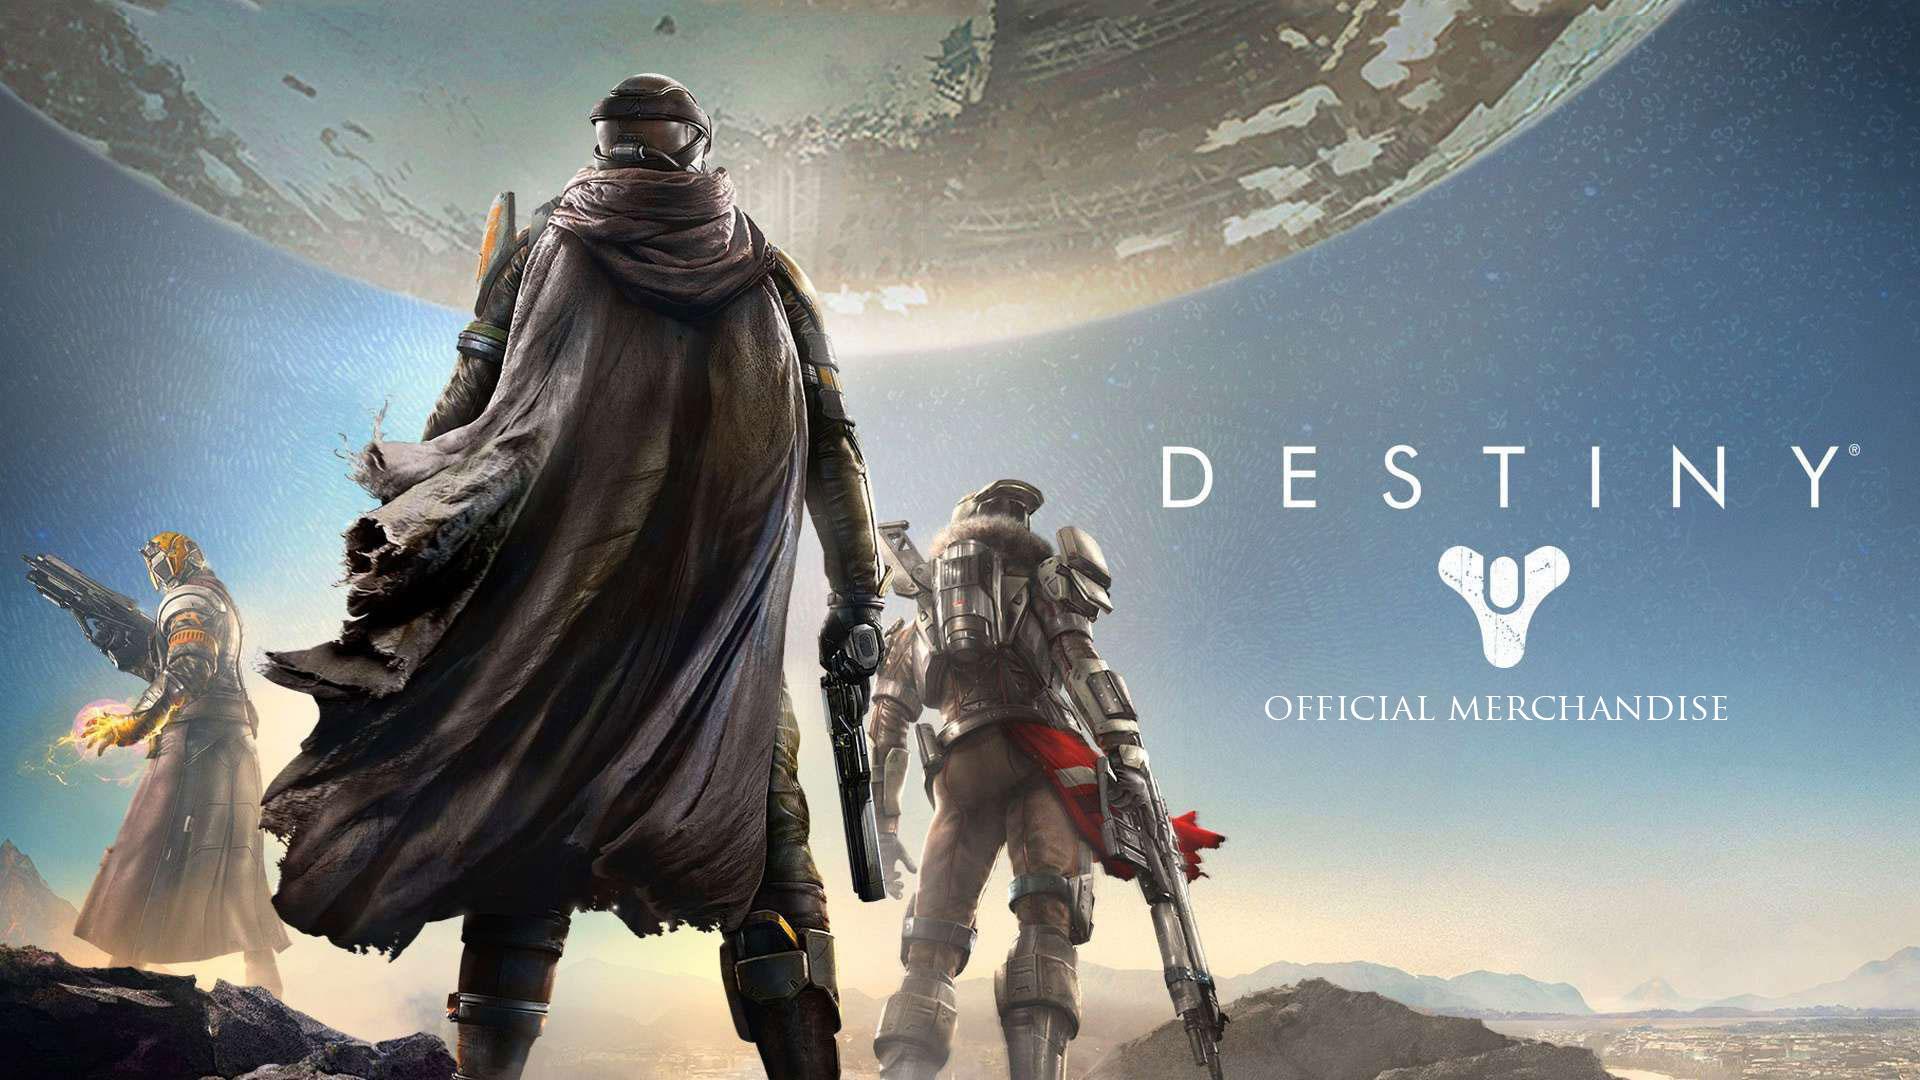 destiny-gh-website-banner.jpg